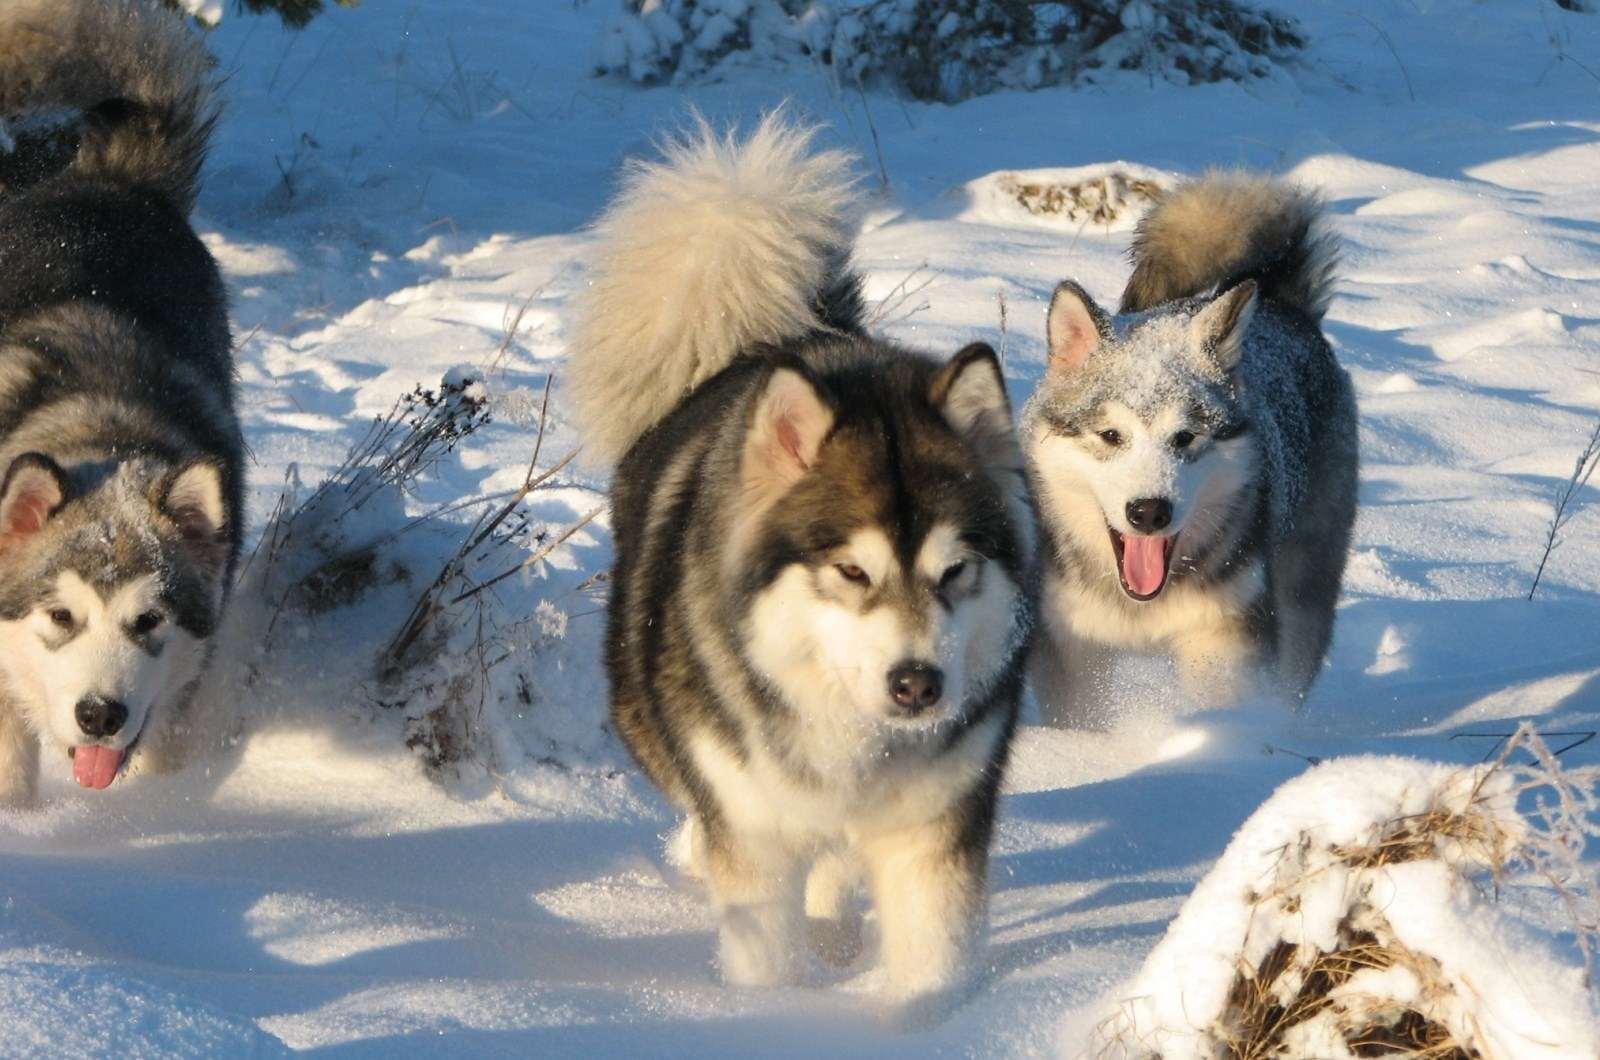 Порода собак аляскинский маламут: описание, фото, цена